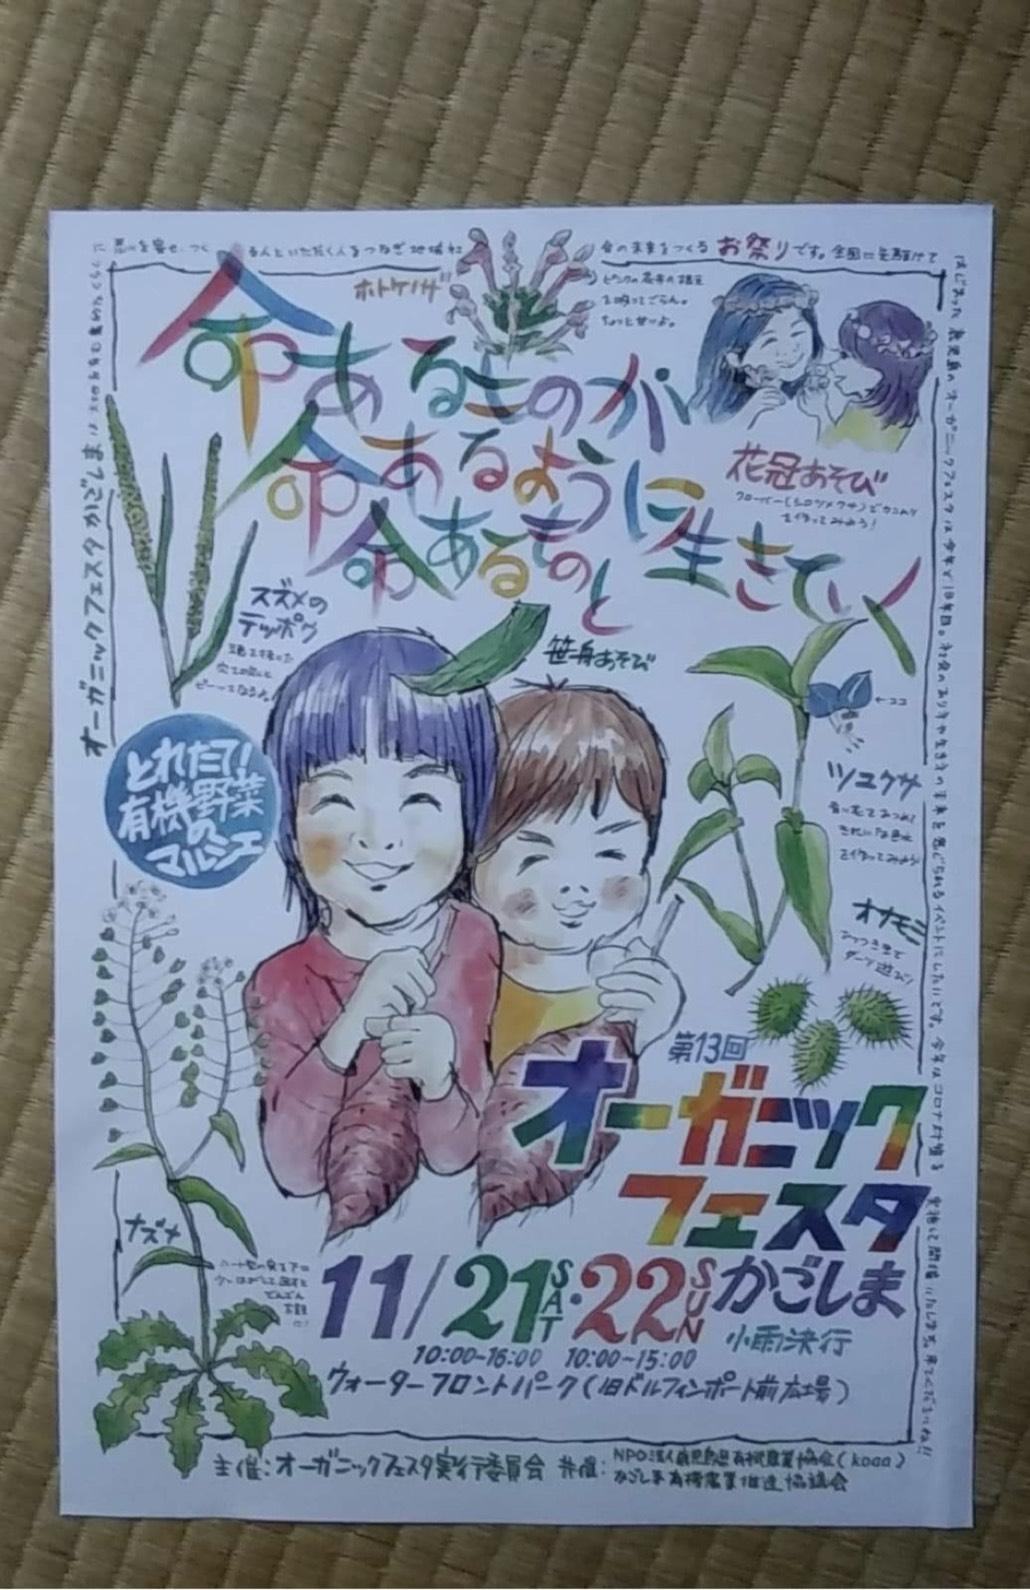 出店情報!11/22(日曜)@鹿児島オーガニックフェス